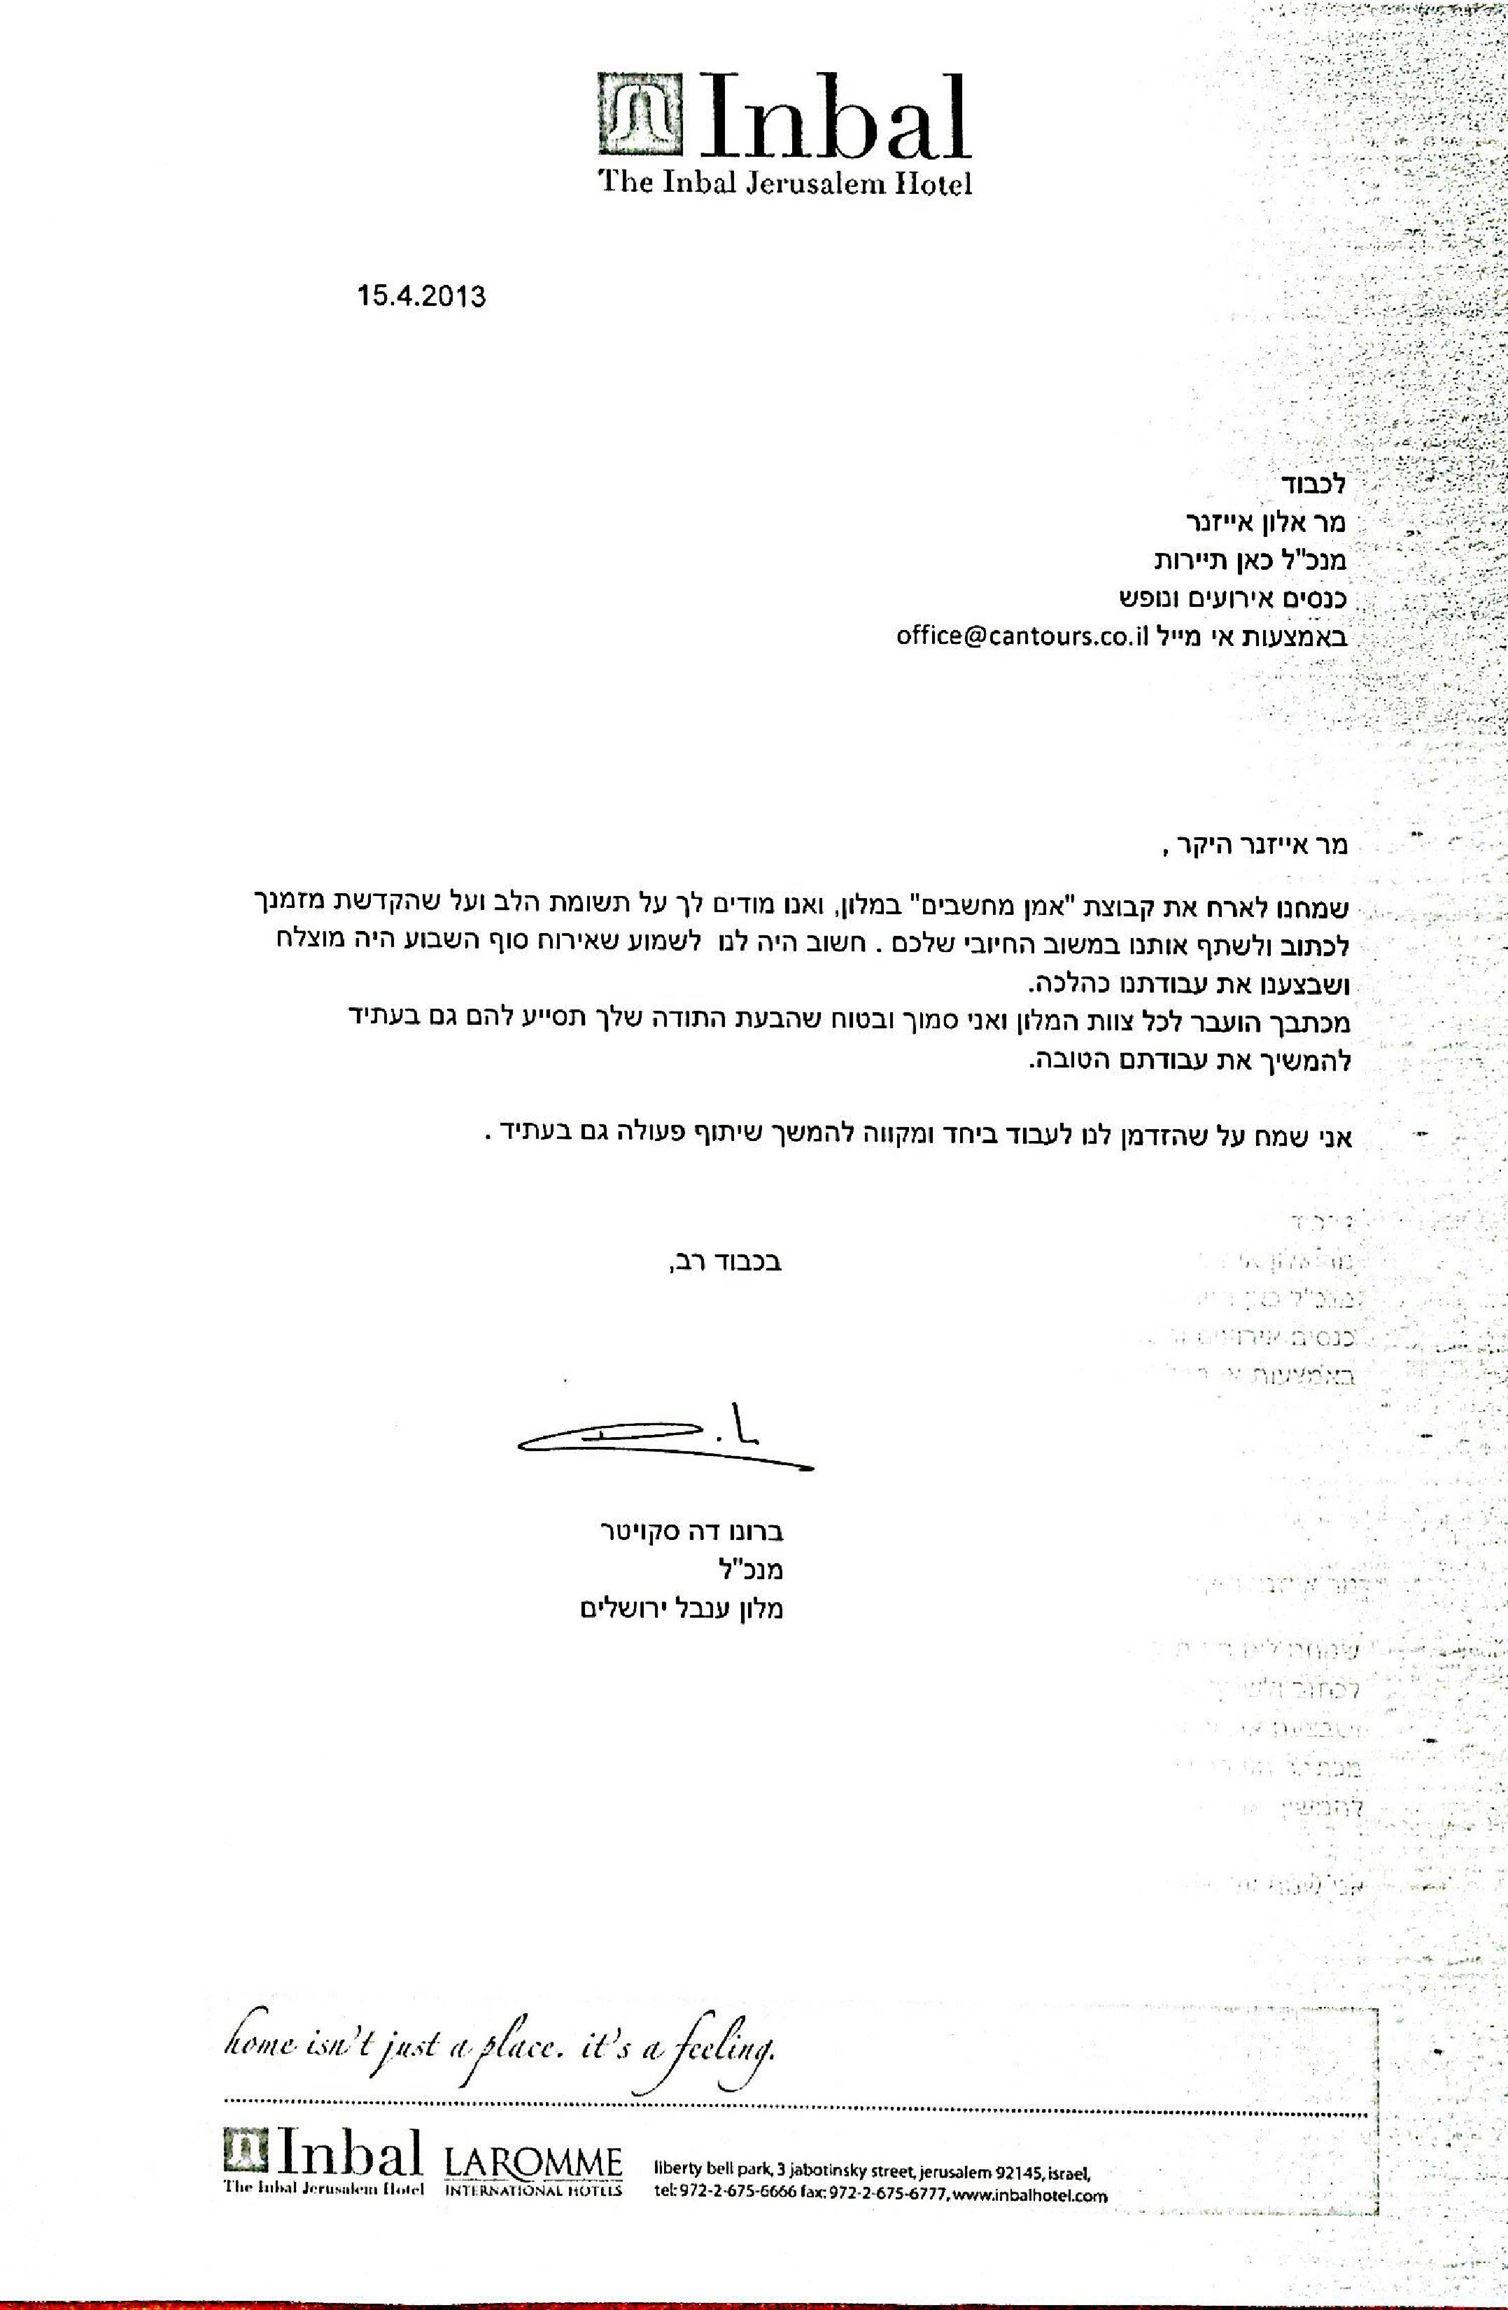 מכתב תודה מענבל